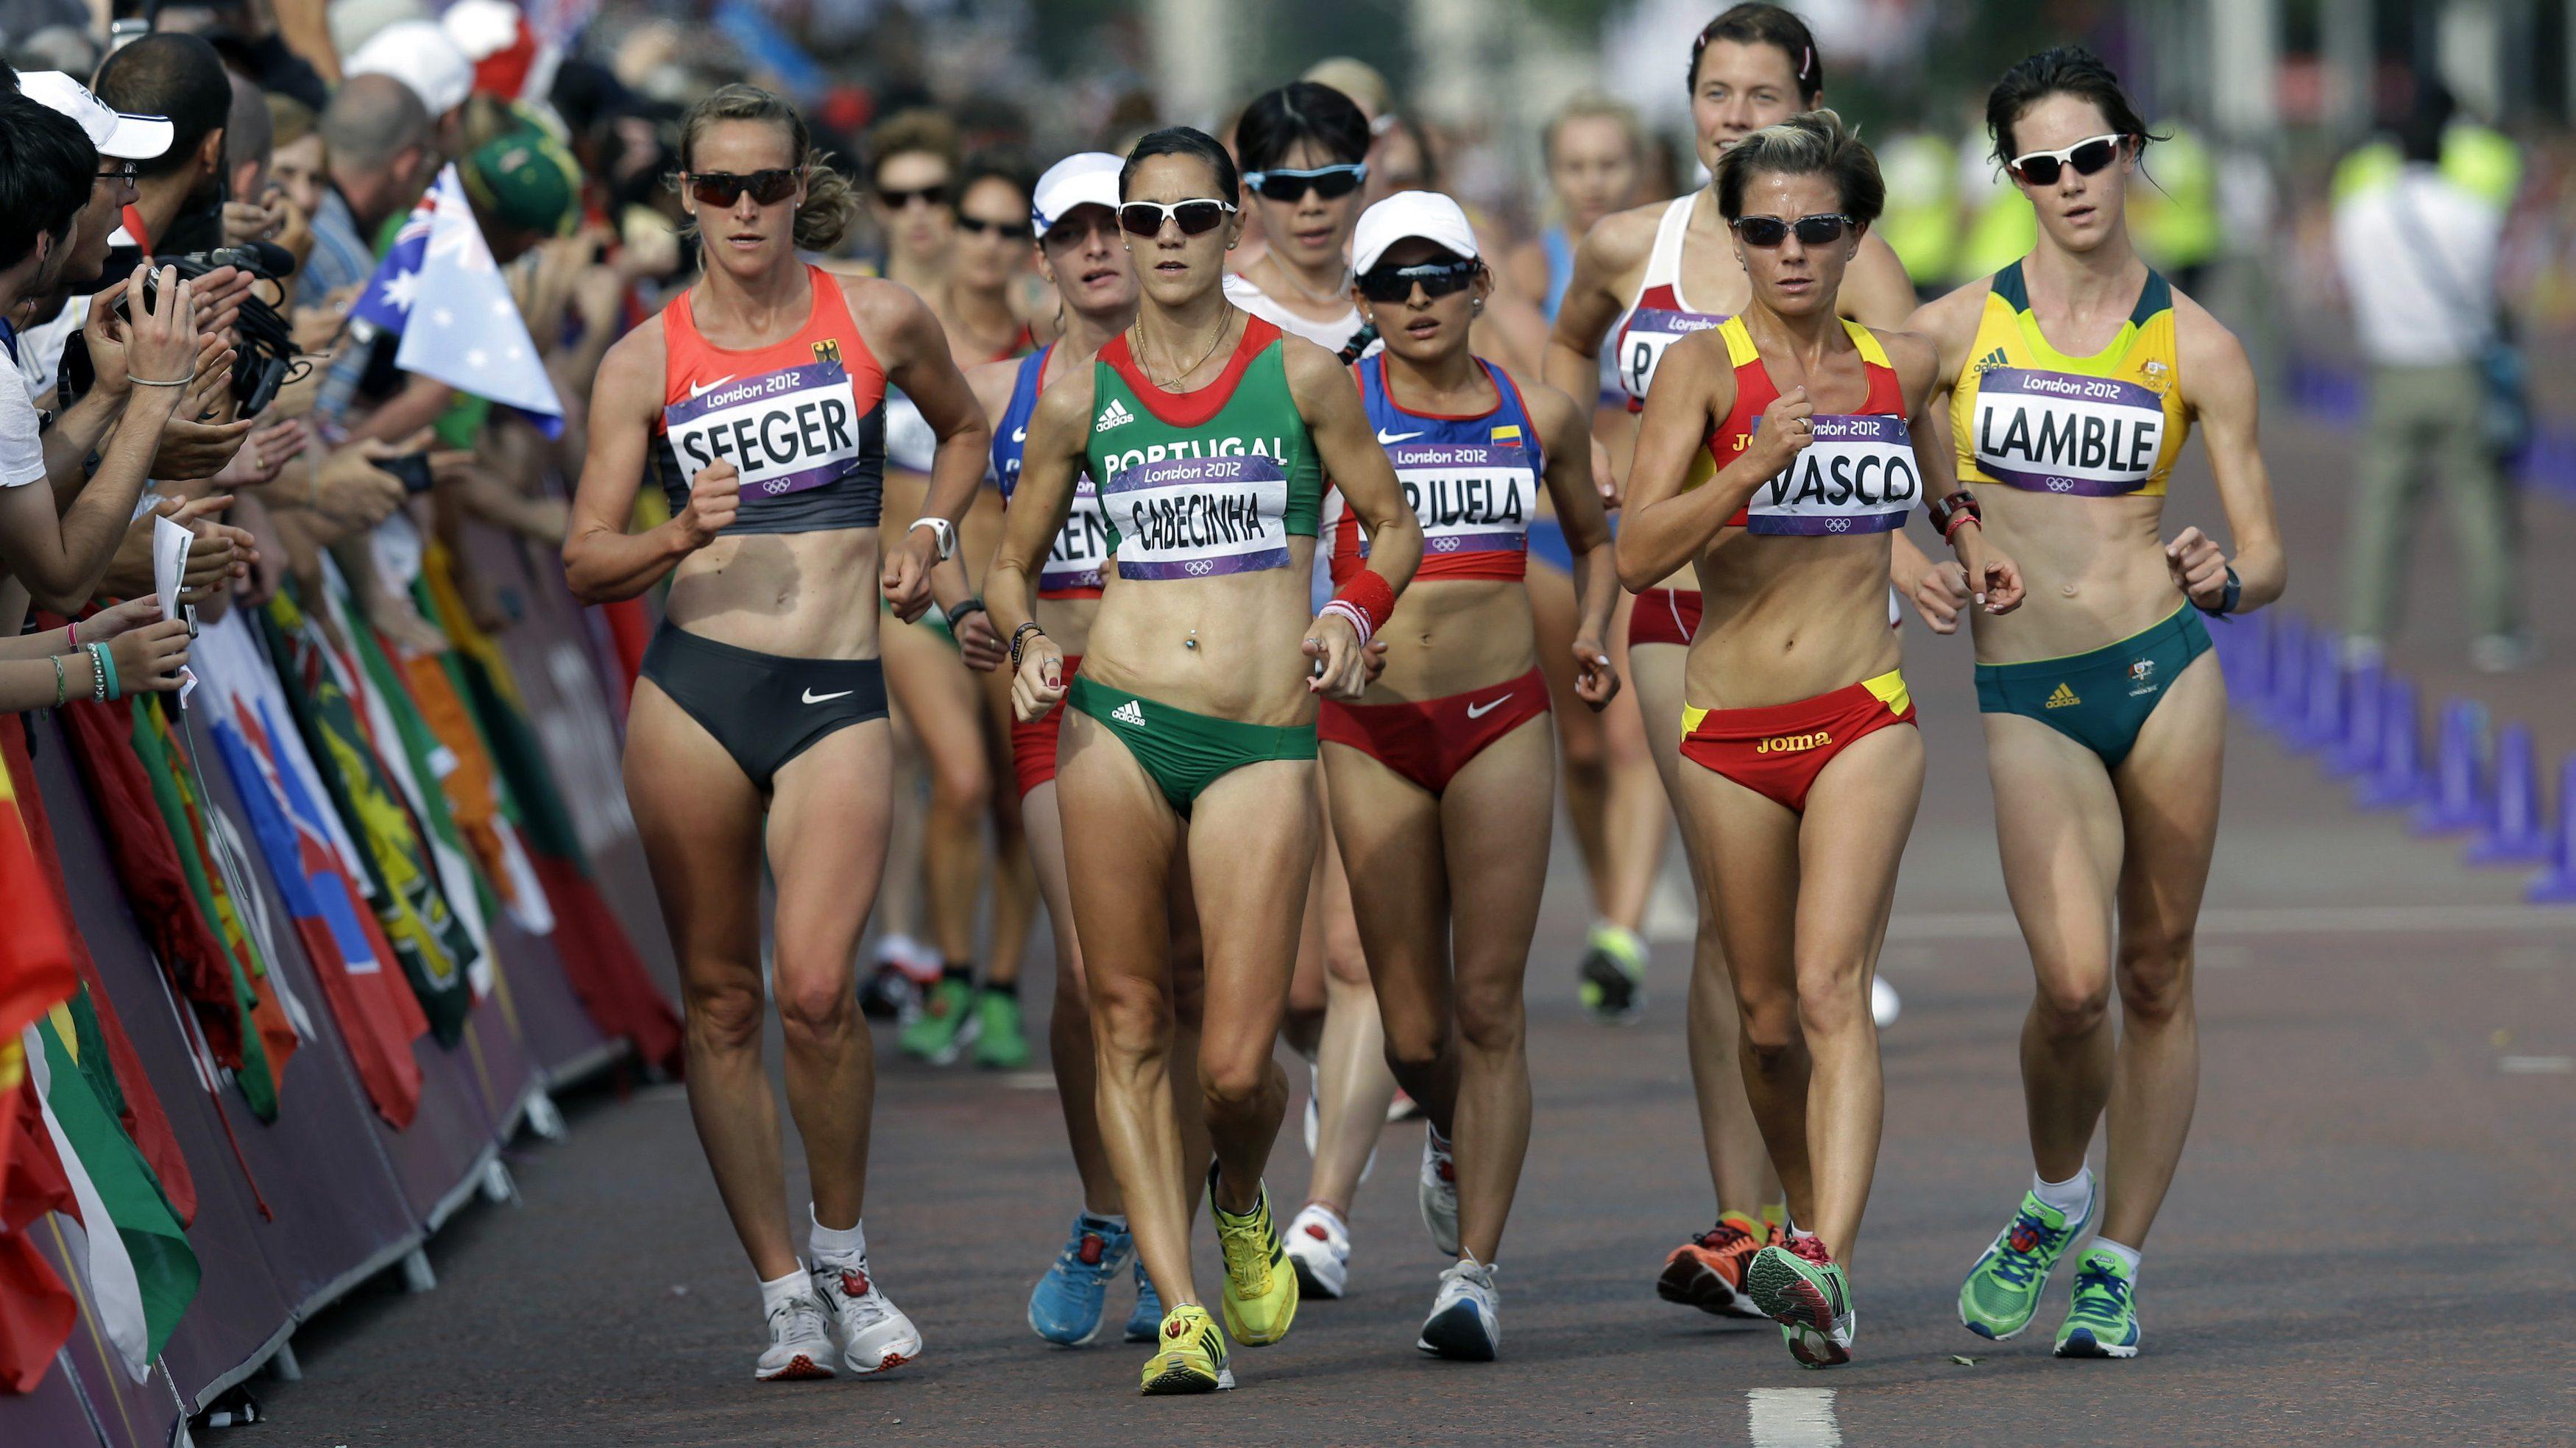 Race walkers